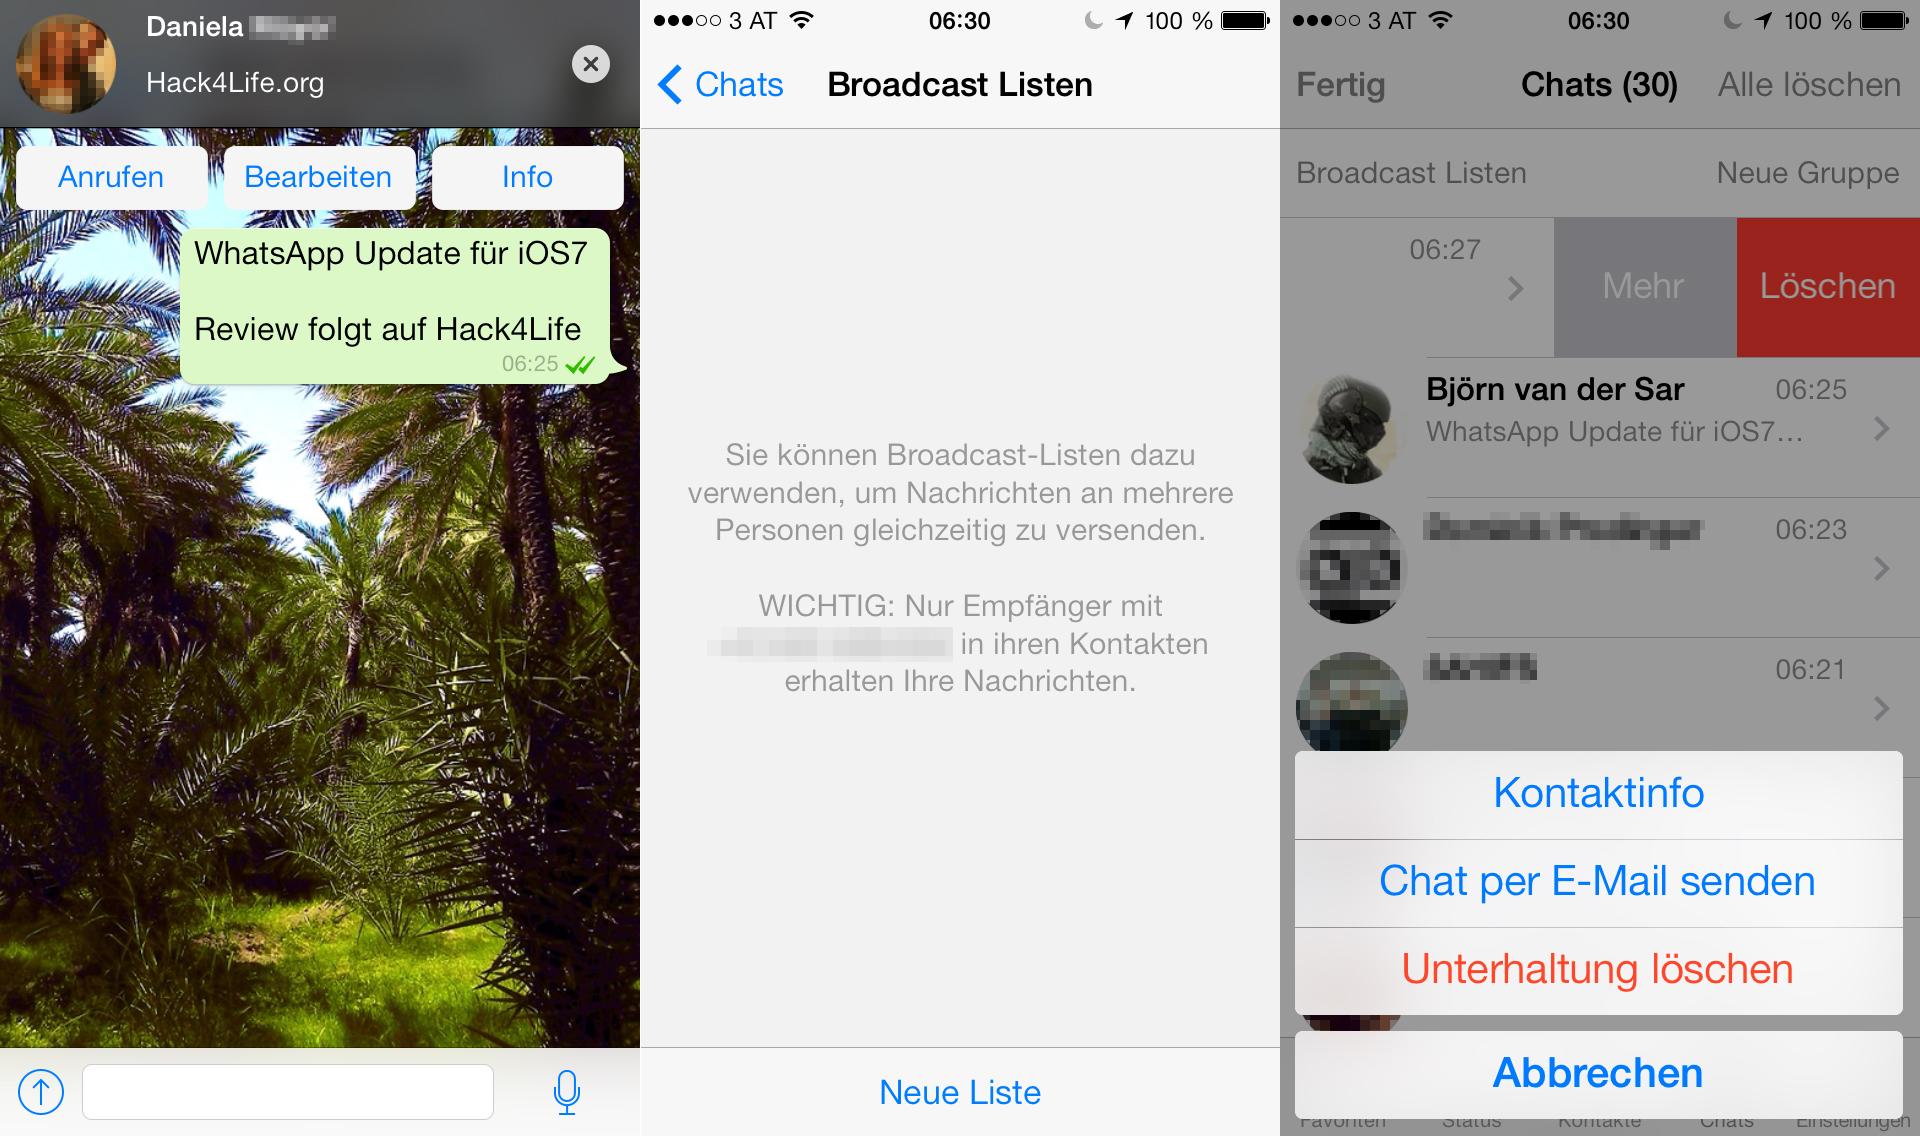 Neue Features von WhatsApp - Neue Funktionen - Broadcast Listen - Benachrichtigungen - Bearbeiten von Chats - Review - Hack4Life - Immer Aktuell